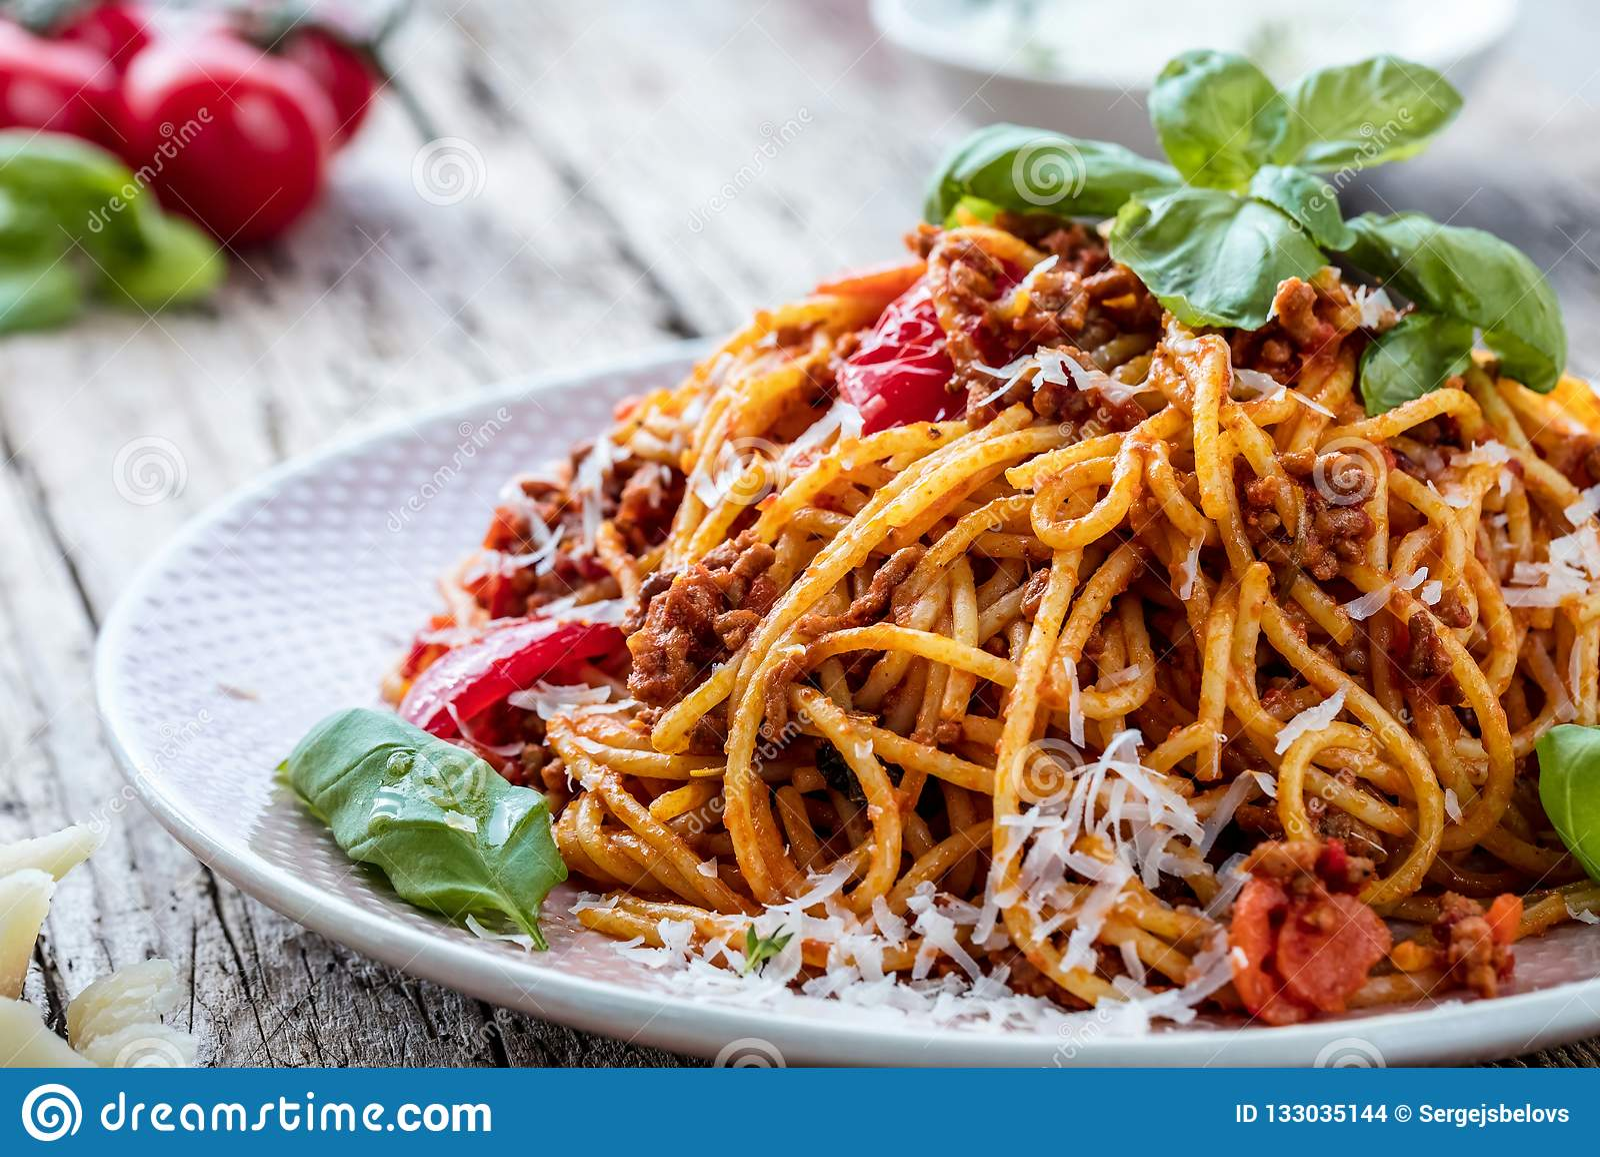 Spagetti fresco y delicioso boloñés en la tabla de madera